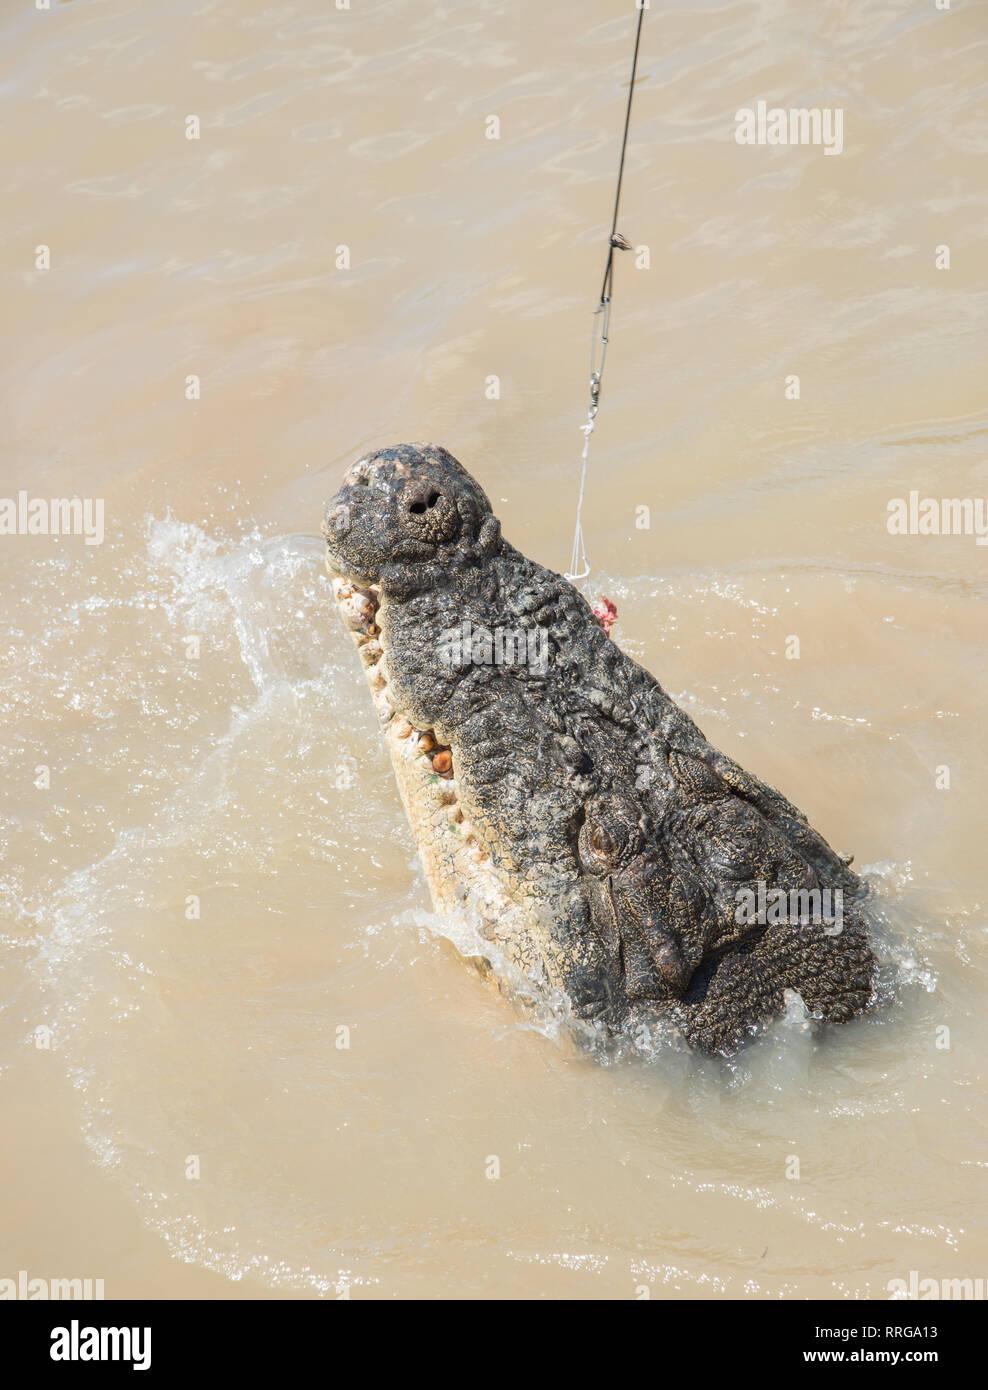 Australische Salzwasser Krokodil greifen rohes Fleisch aus Angelschnur in den Adelaide River im Mittelpunkt, Northern Territory, Australien Stockfoto